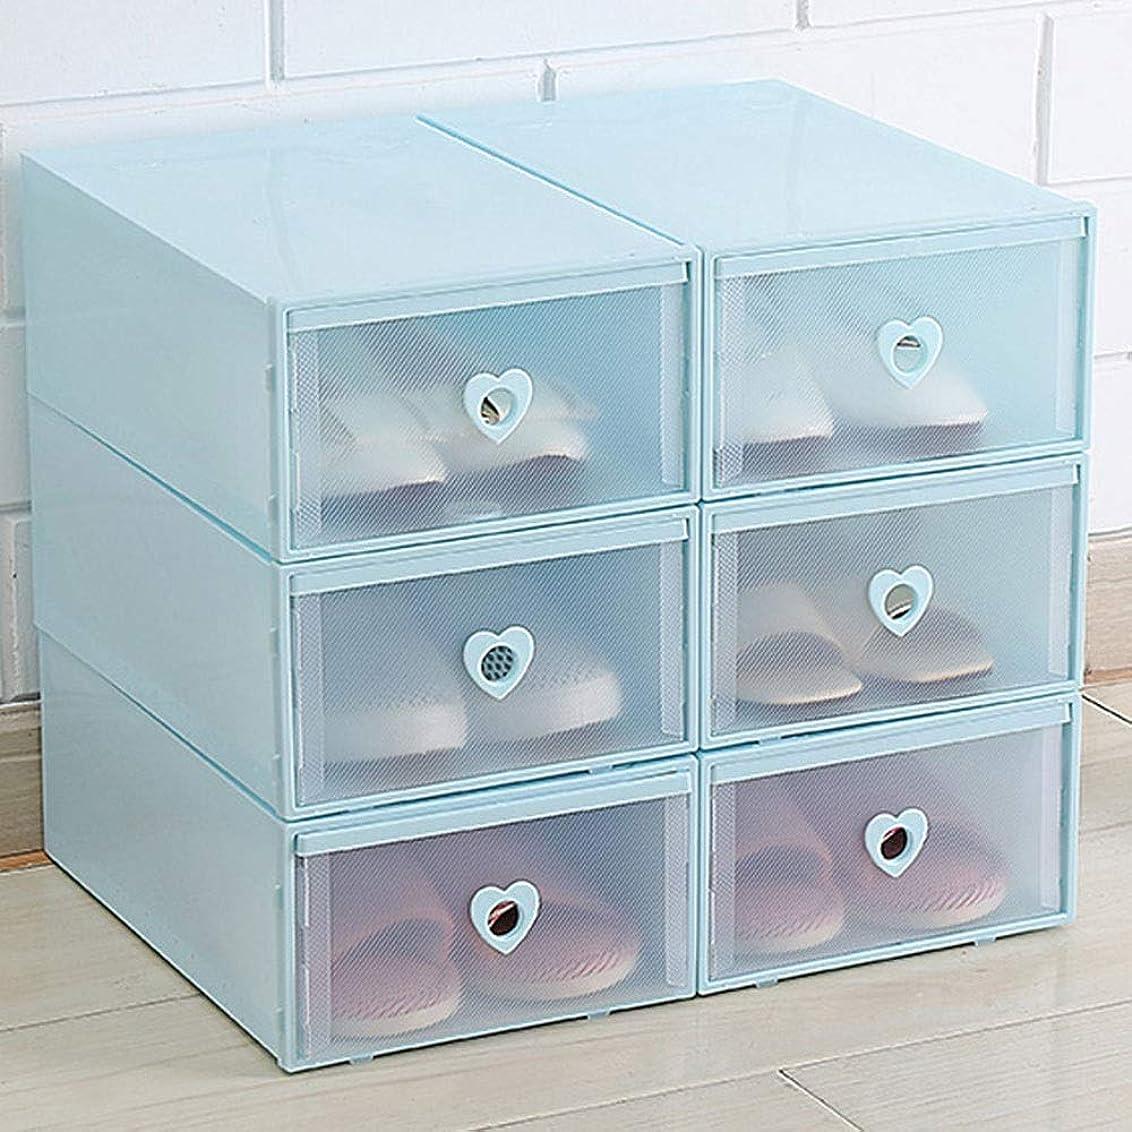 リットル物理的に漏れZR ワードローブ収納ボックス - 透明プラスチック製の積み重ね可能な靴箱、ケースホーム収納容器、オフィス収納袋多色 (色 : 青)